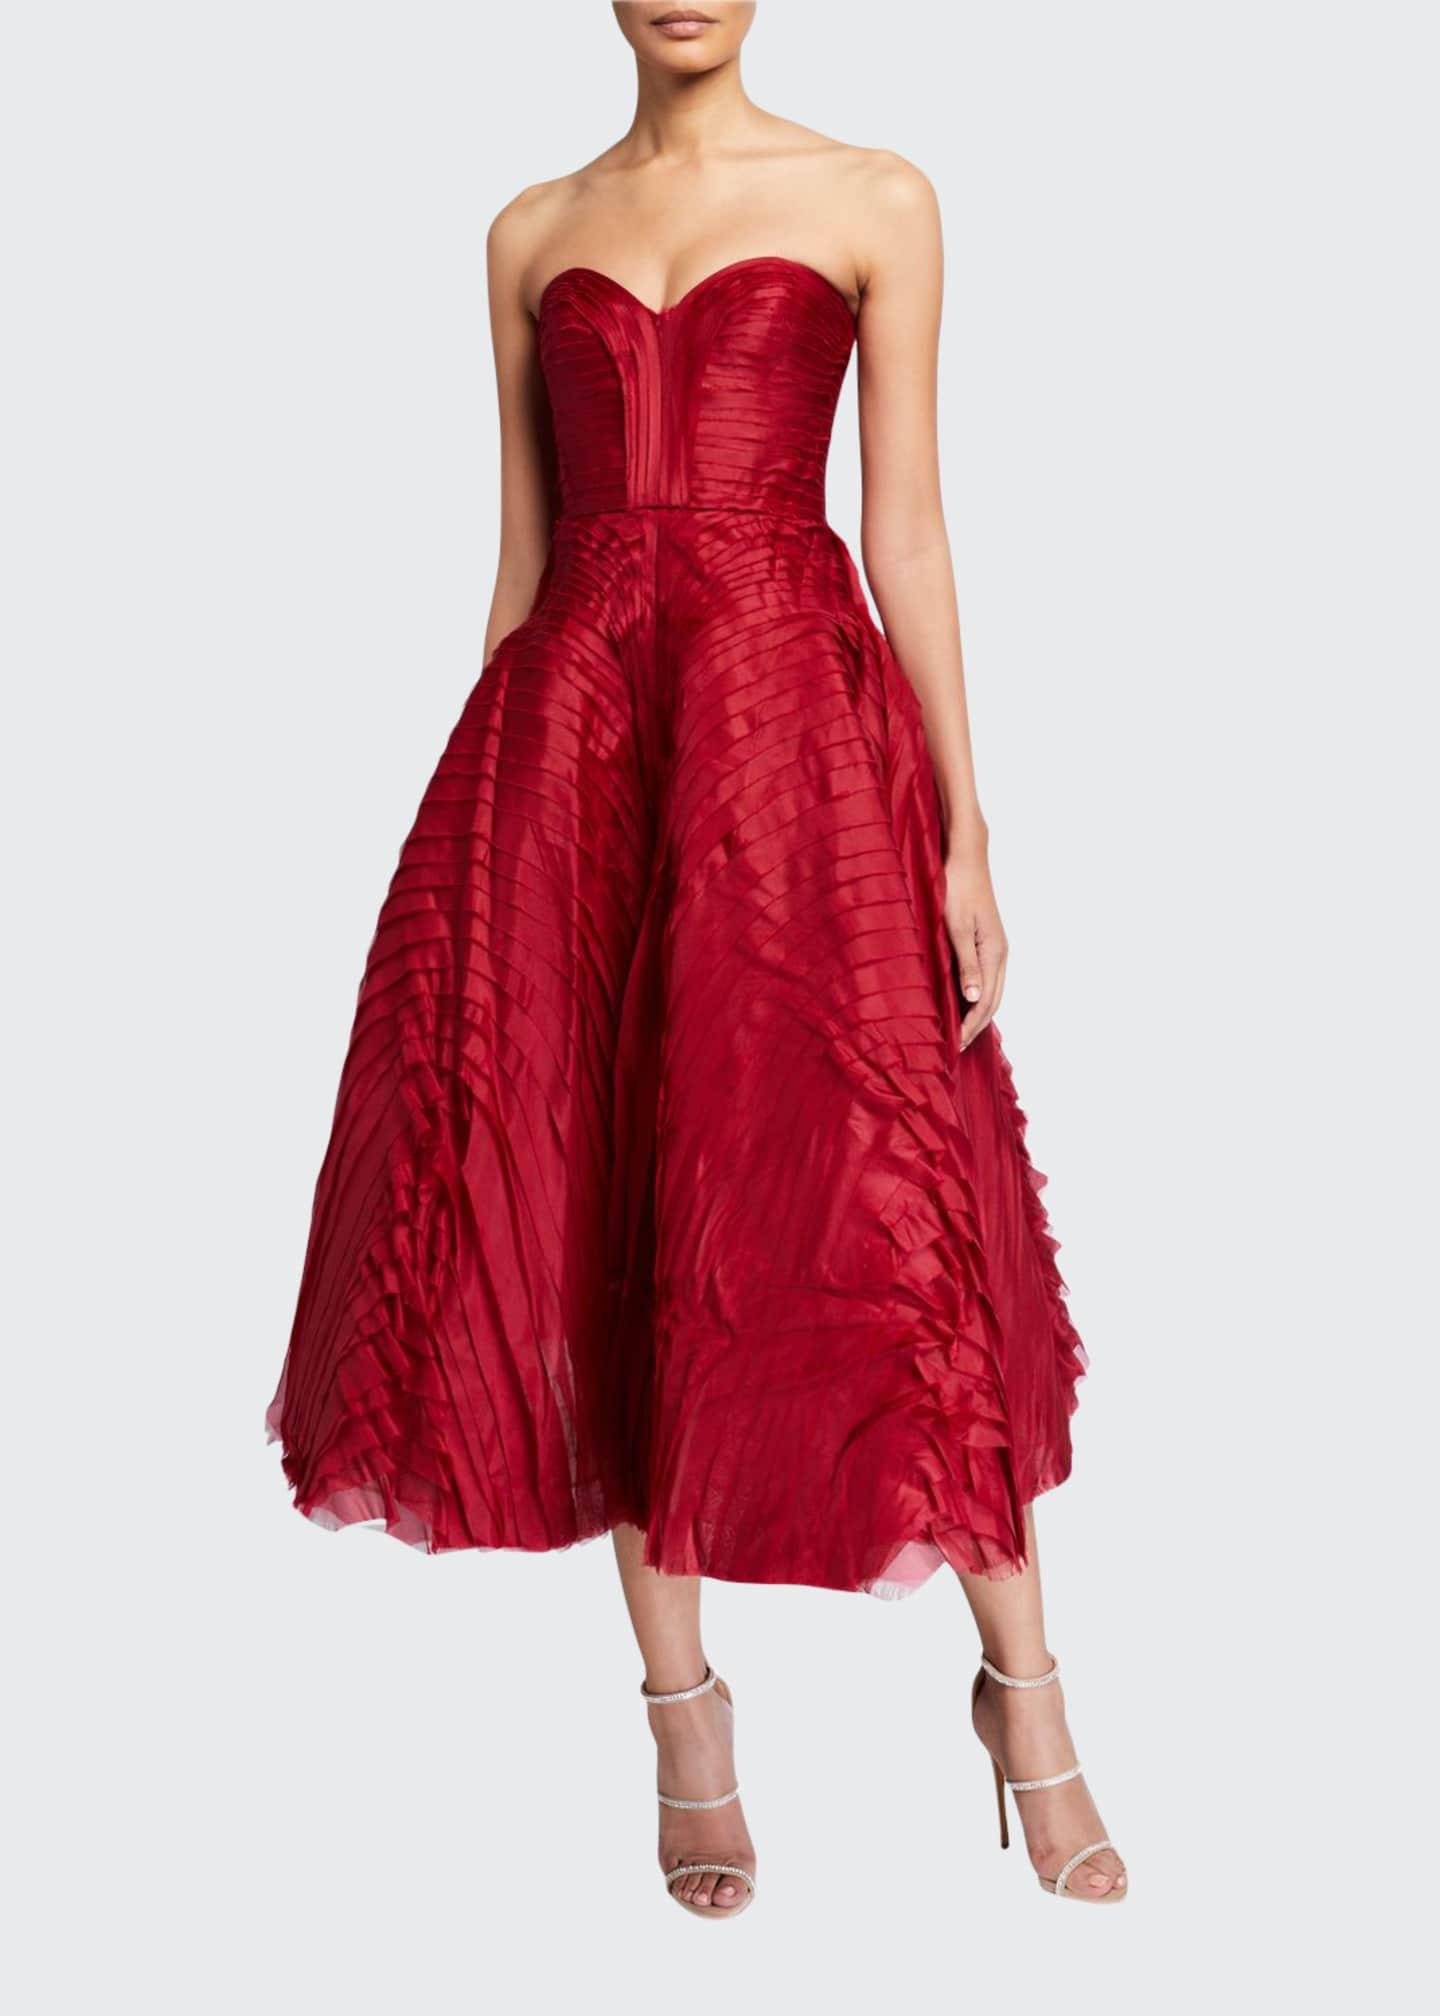 J. Mendel Pleated Satin Strapless Tea-Length Dress